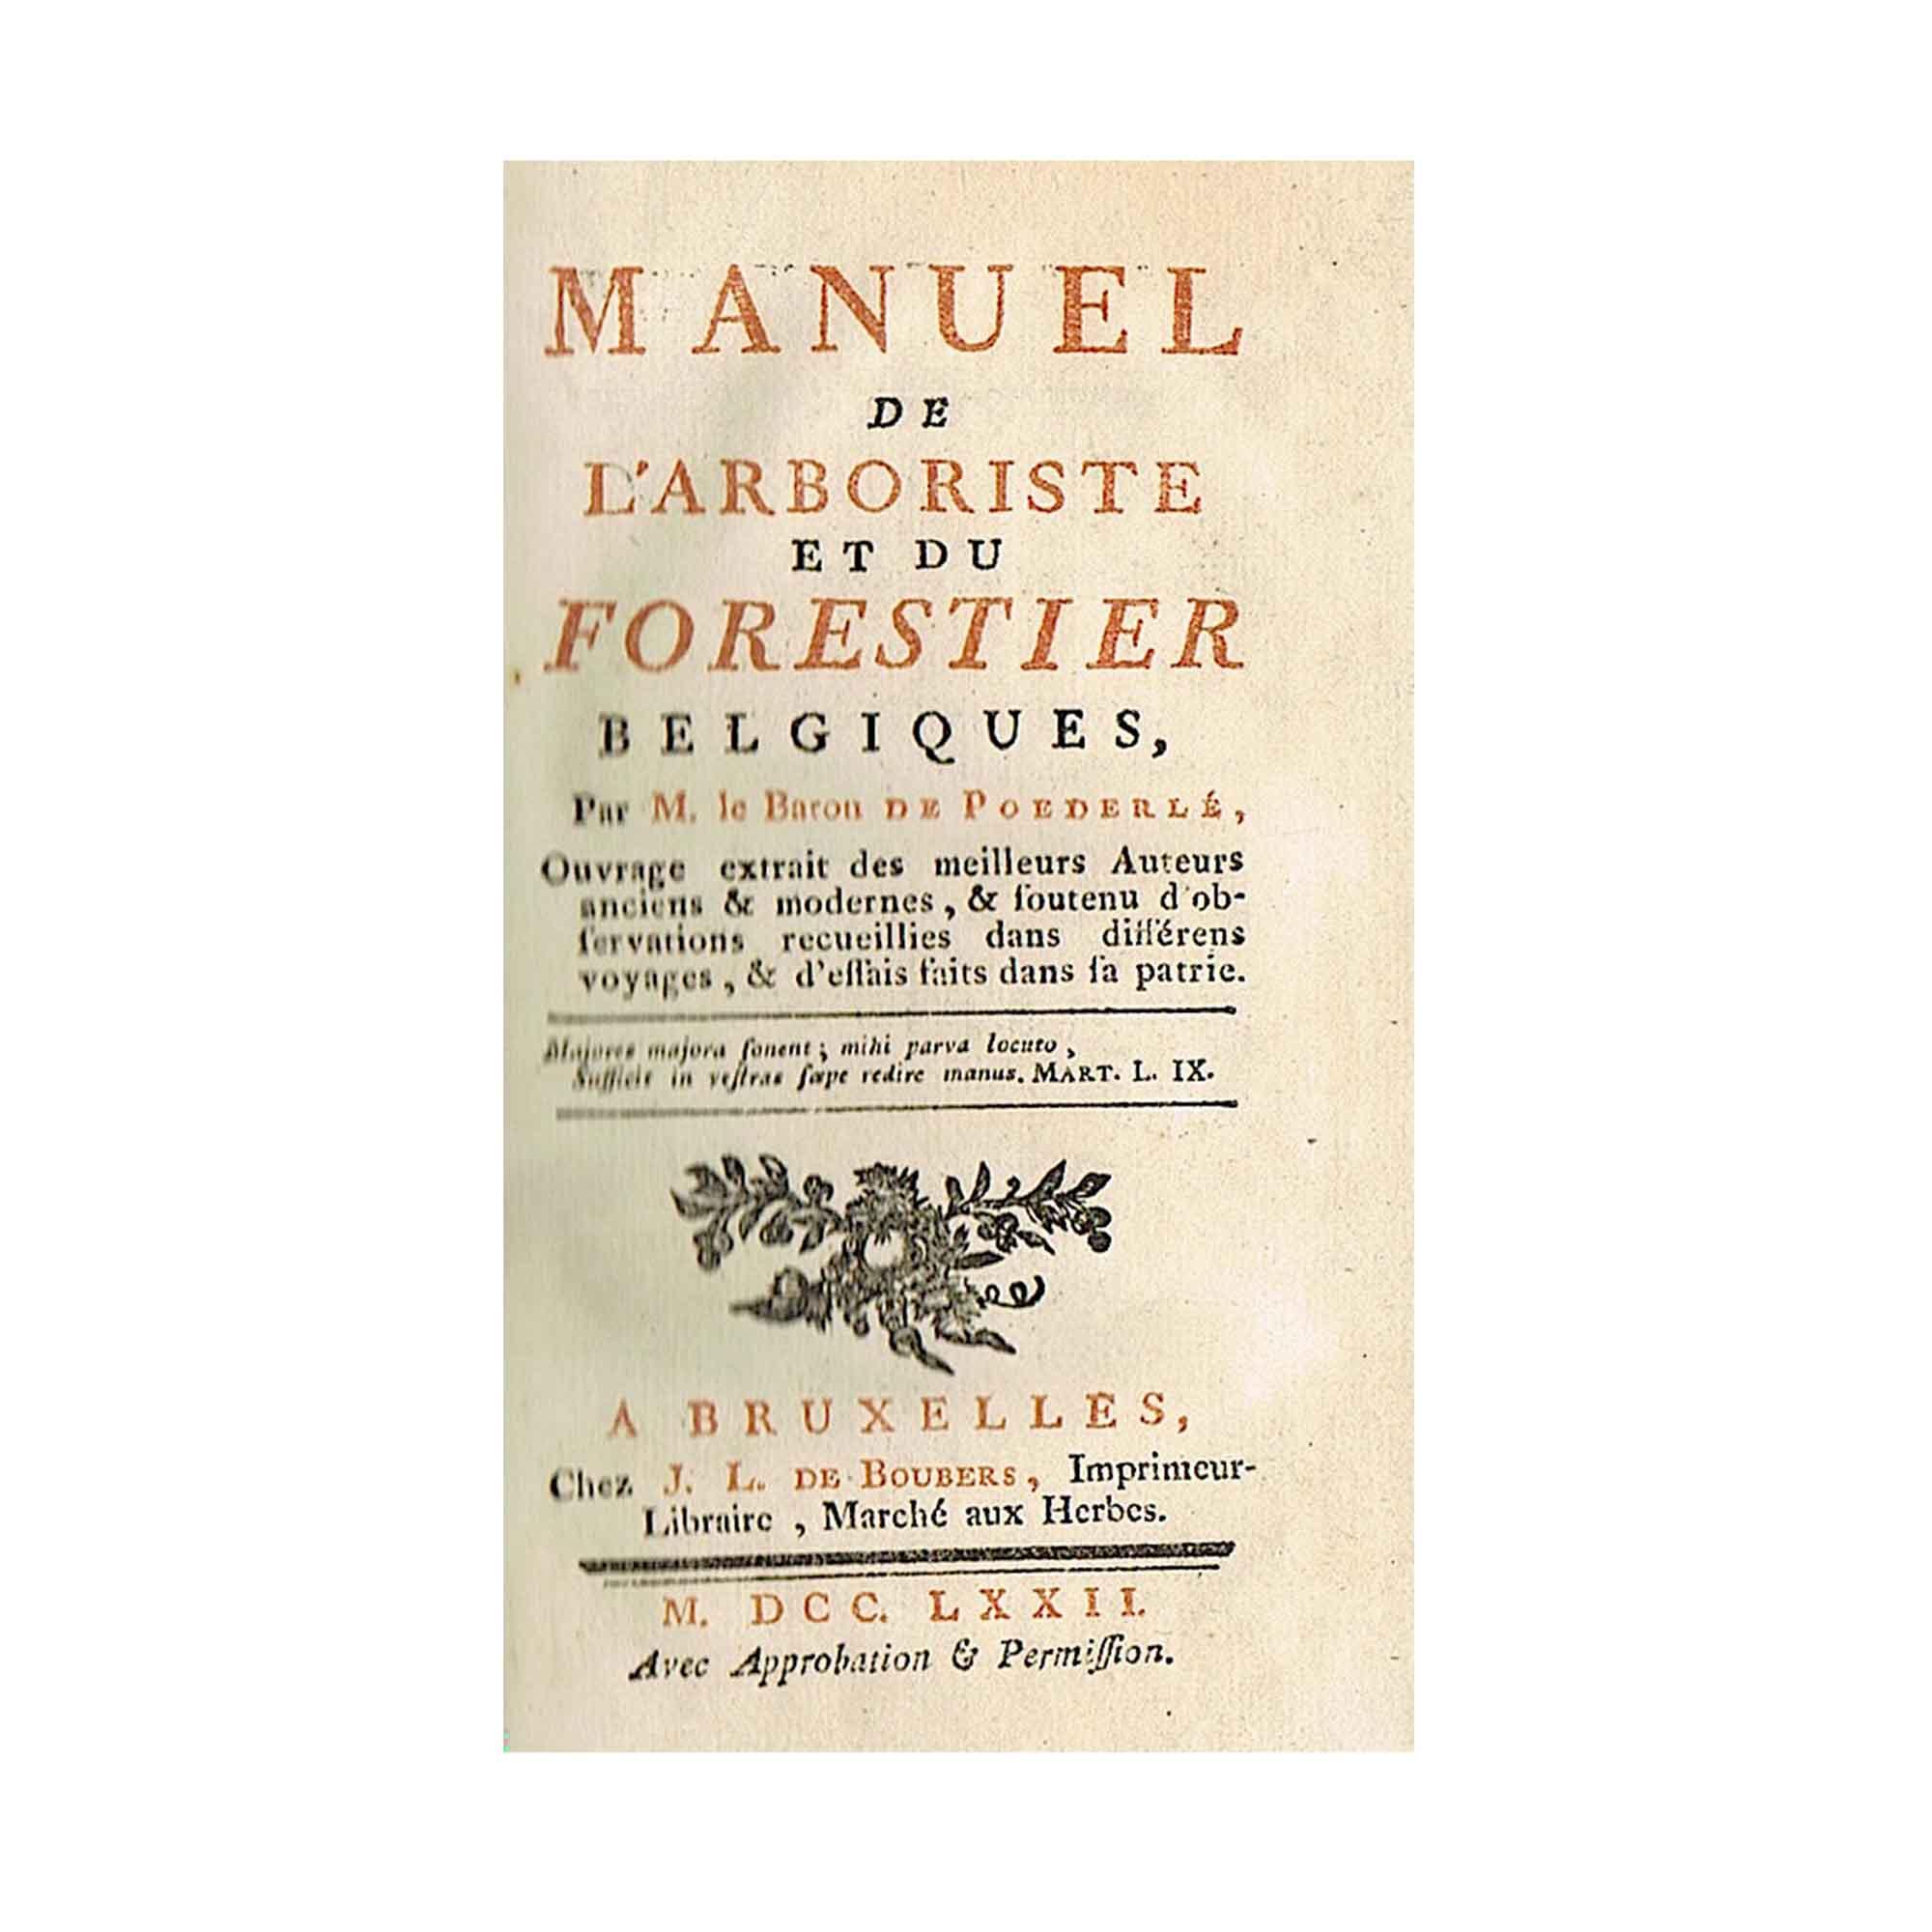 Poederle-Arboriste-vol-1-1772-Titel-N.jpeg